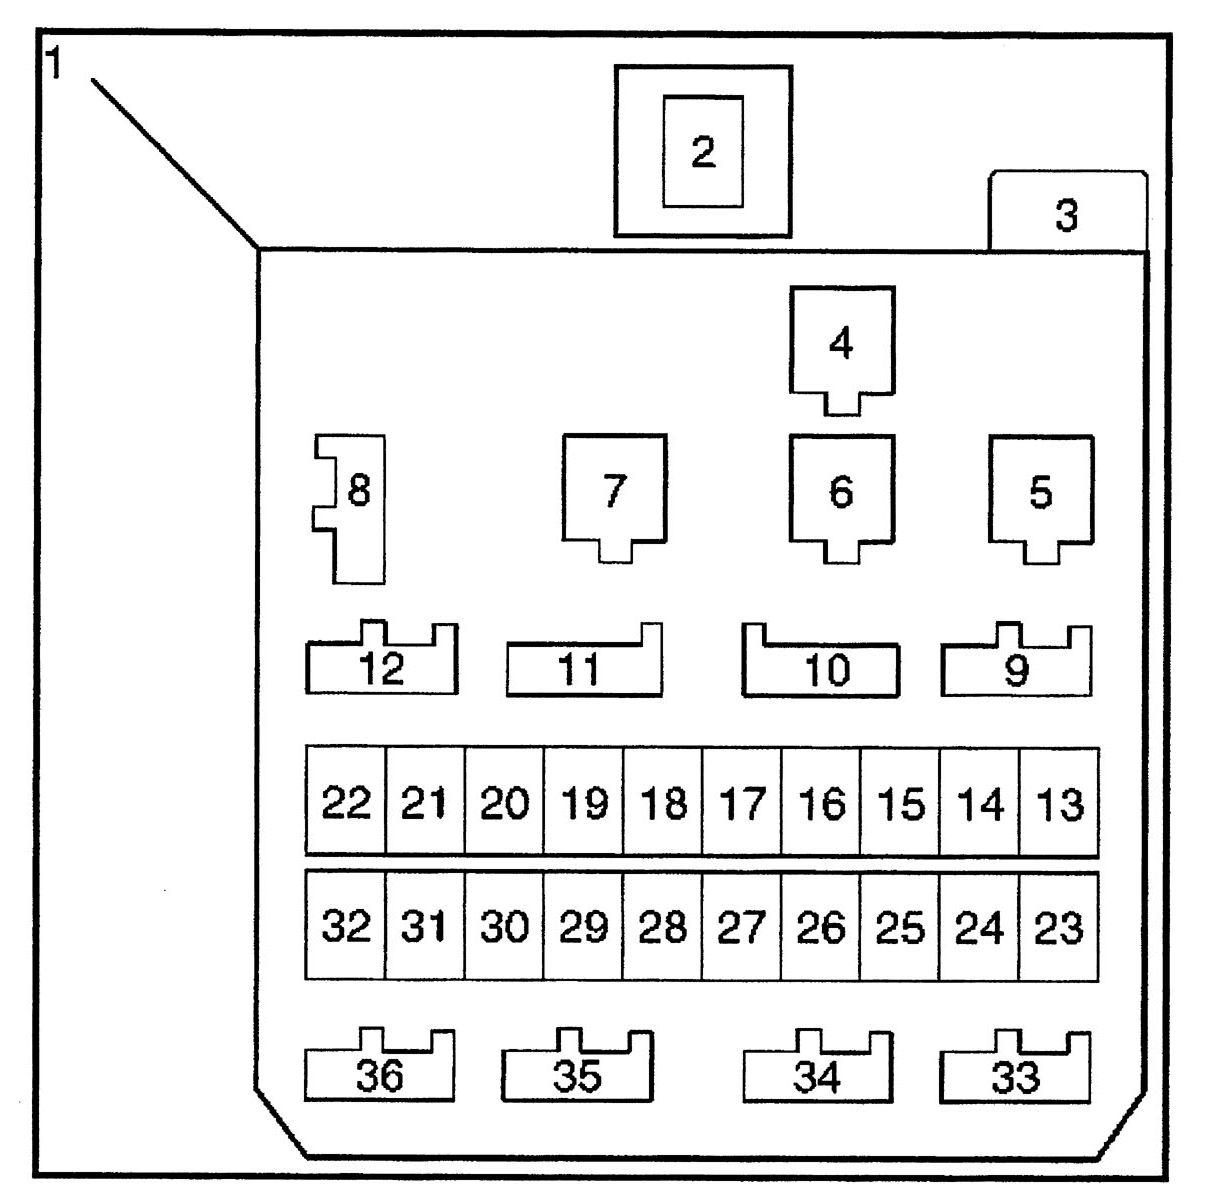 2001 Mitsubishi Eclipse Fuse Box Diagram. diagram 1997